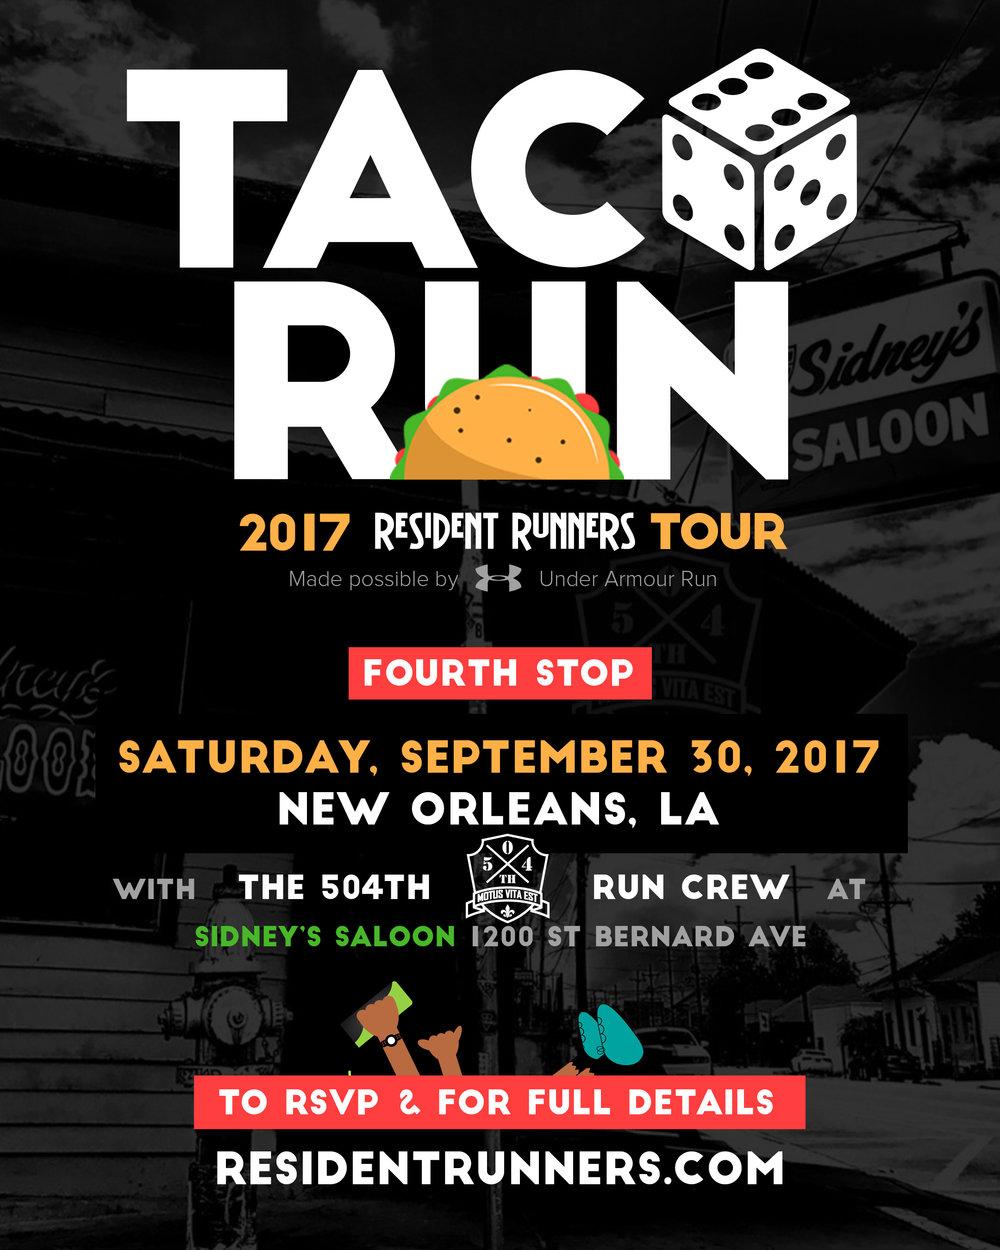 NOLA_taco_run_tour_flyer_v1.jpg